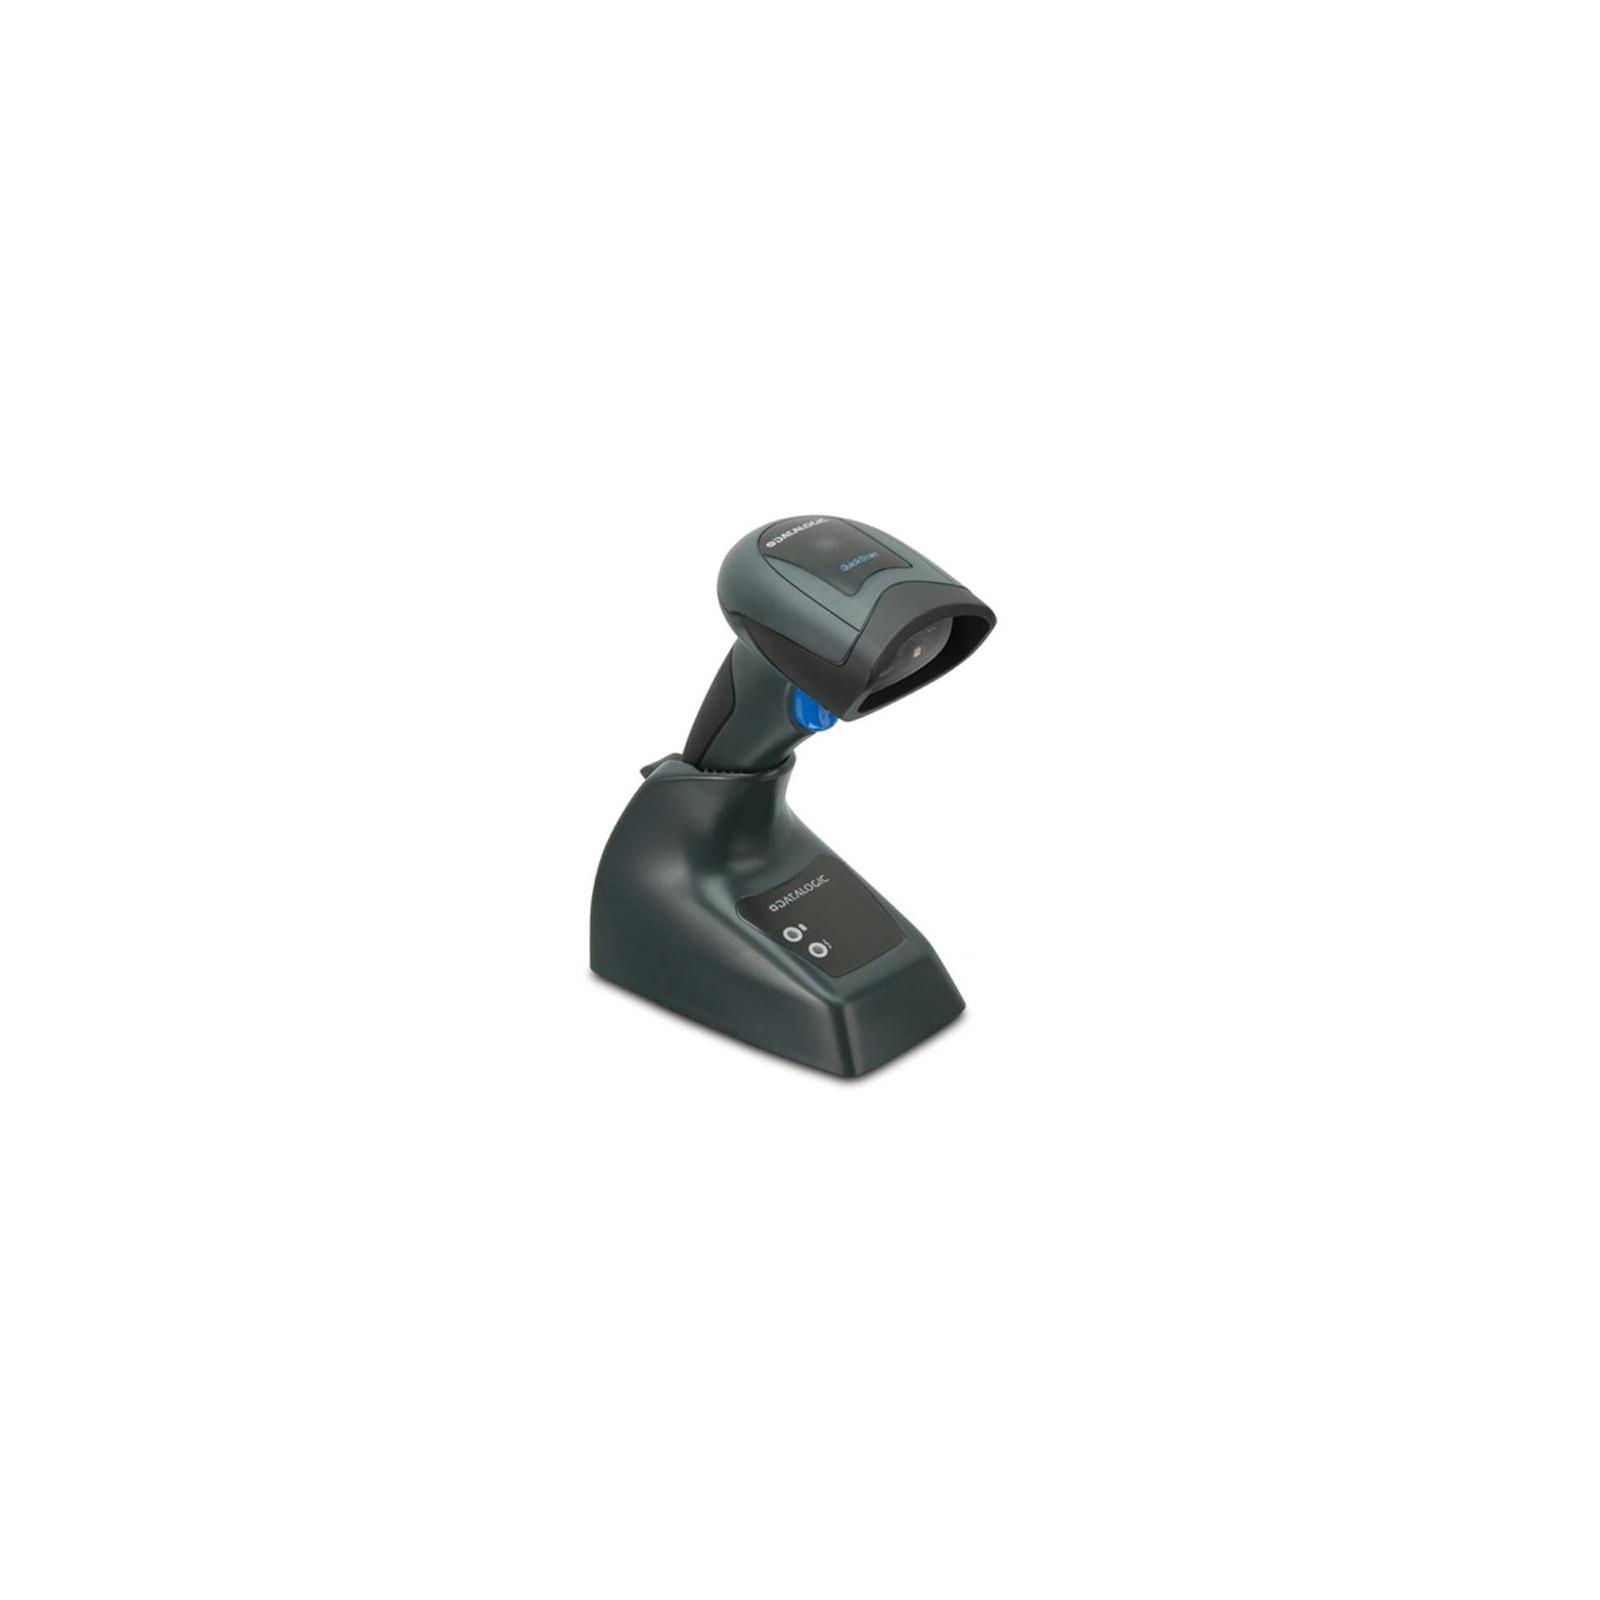 Сканер штрих-кода Datalogic QM2131, USB (QM2131-BK-433K1) изображение 2